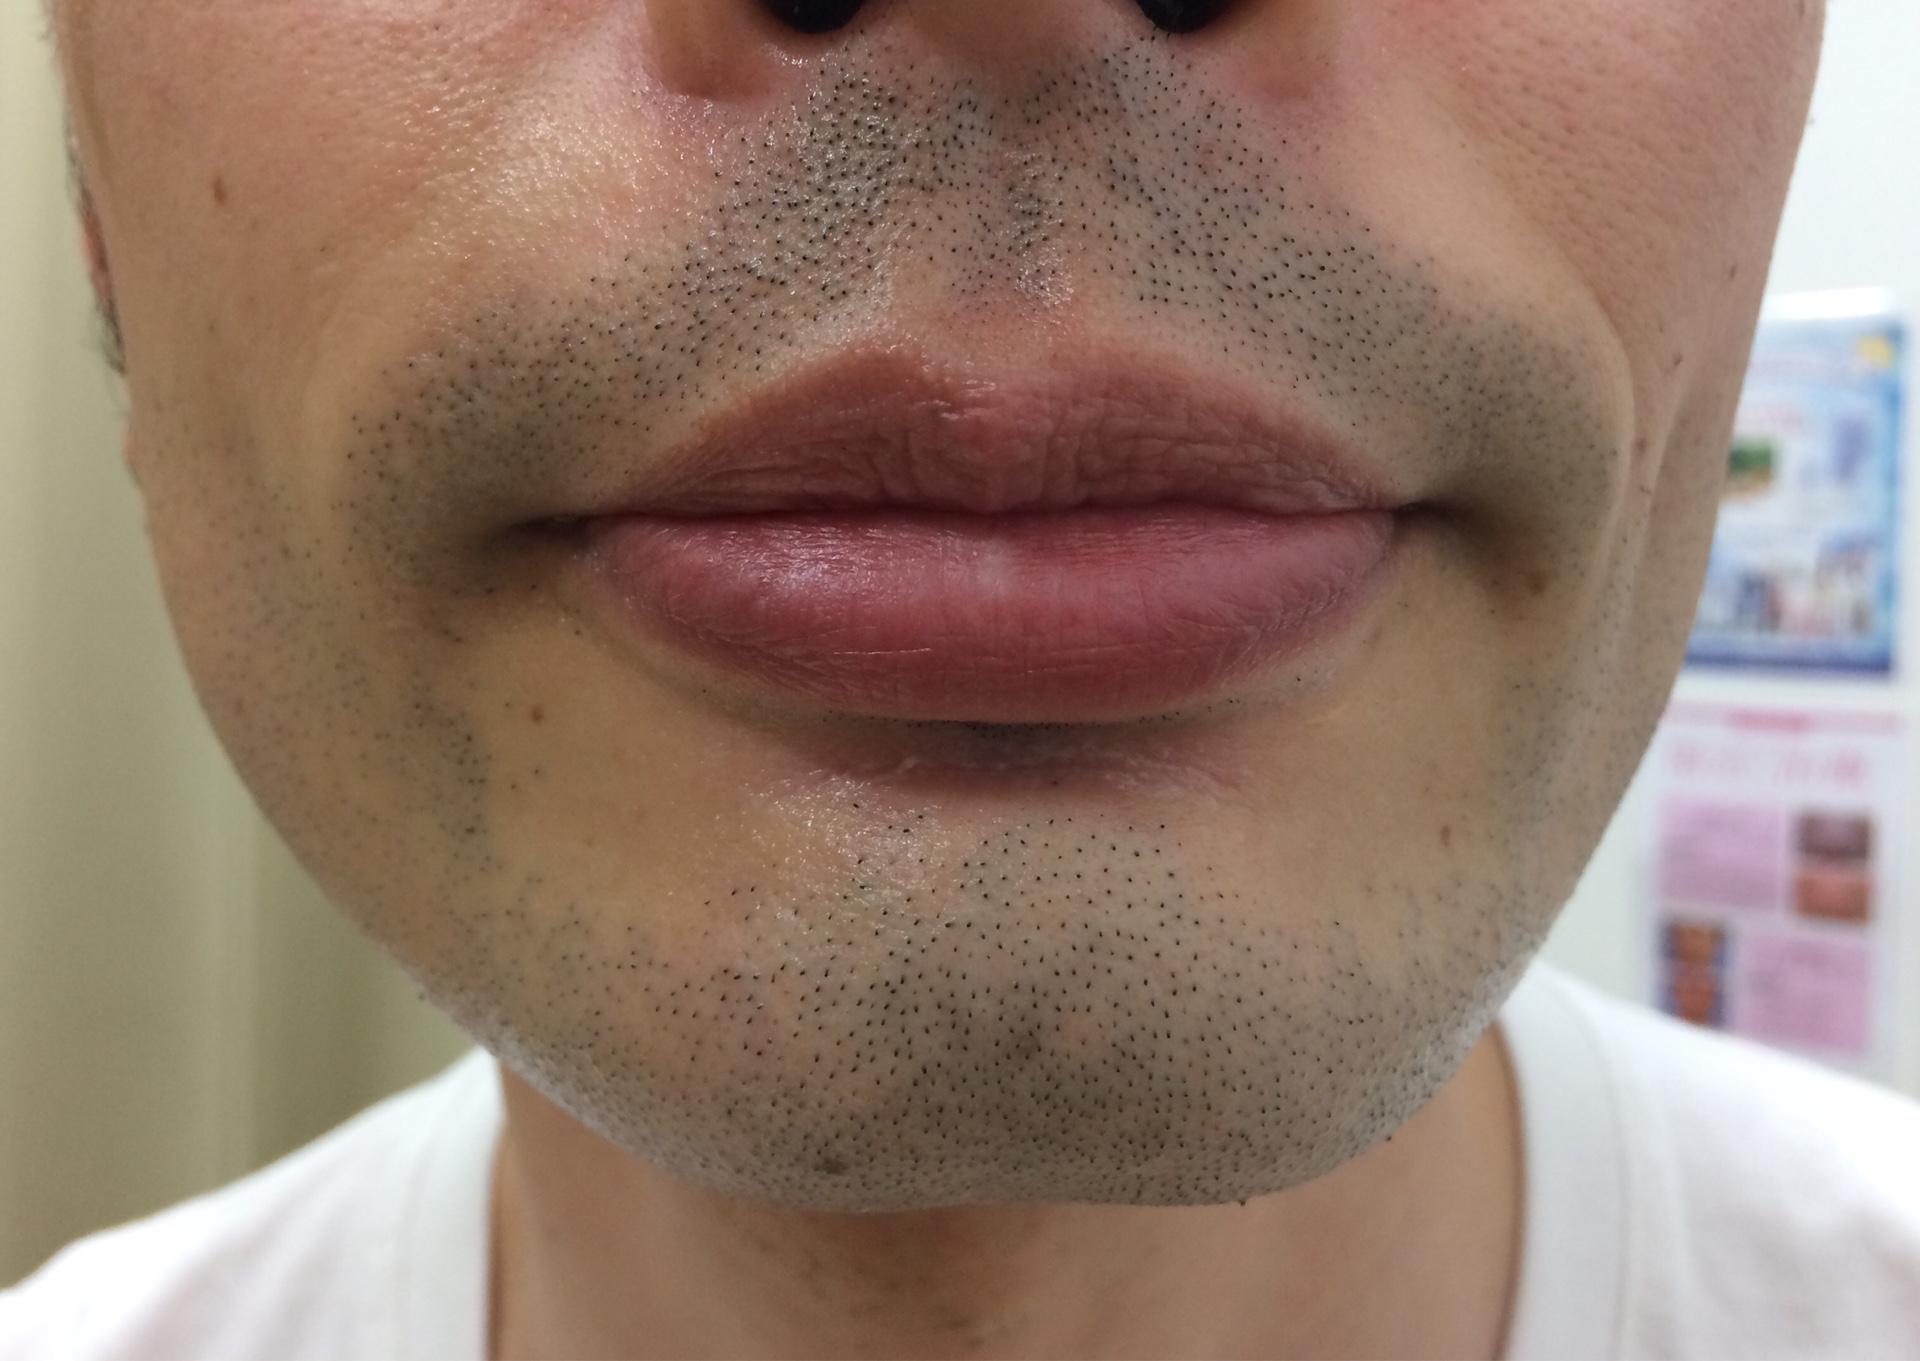 ひげ脱毛6回目の施術を受けた後の男性の顔